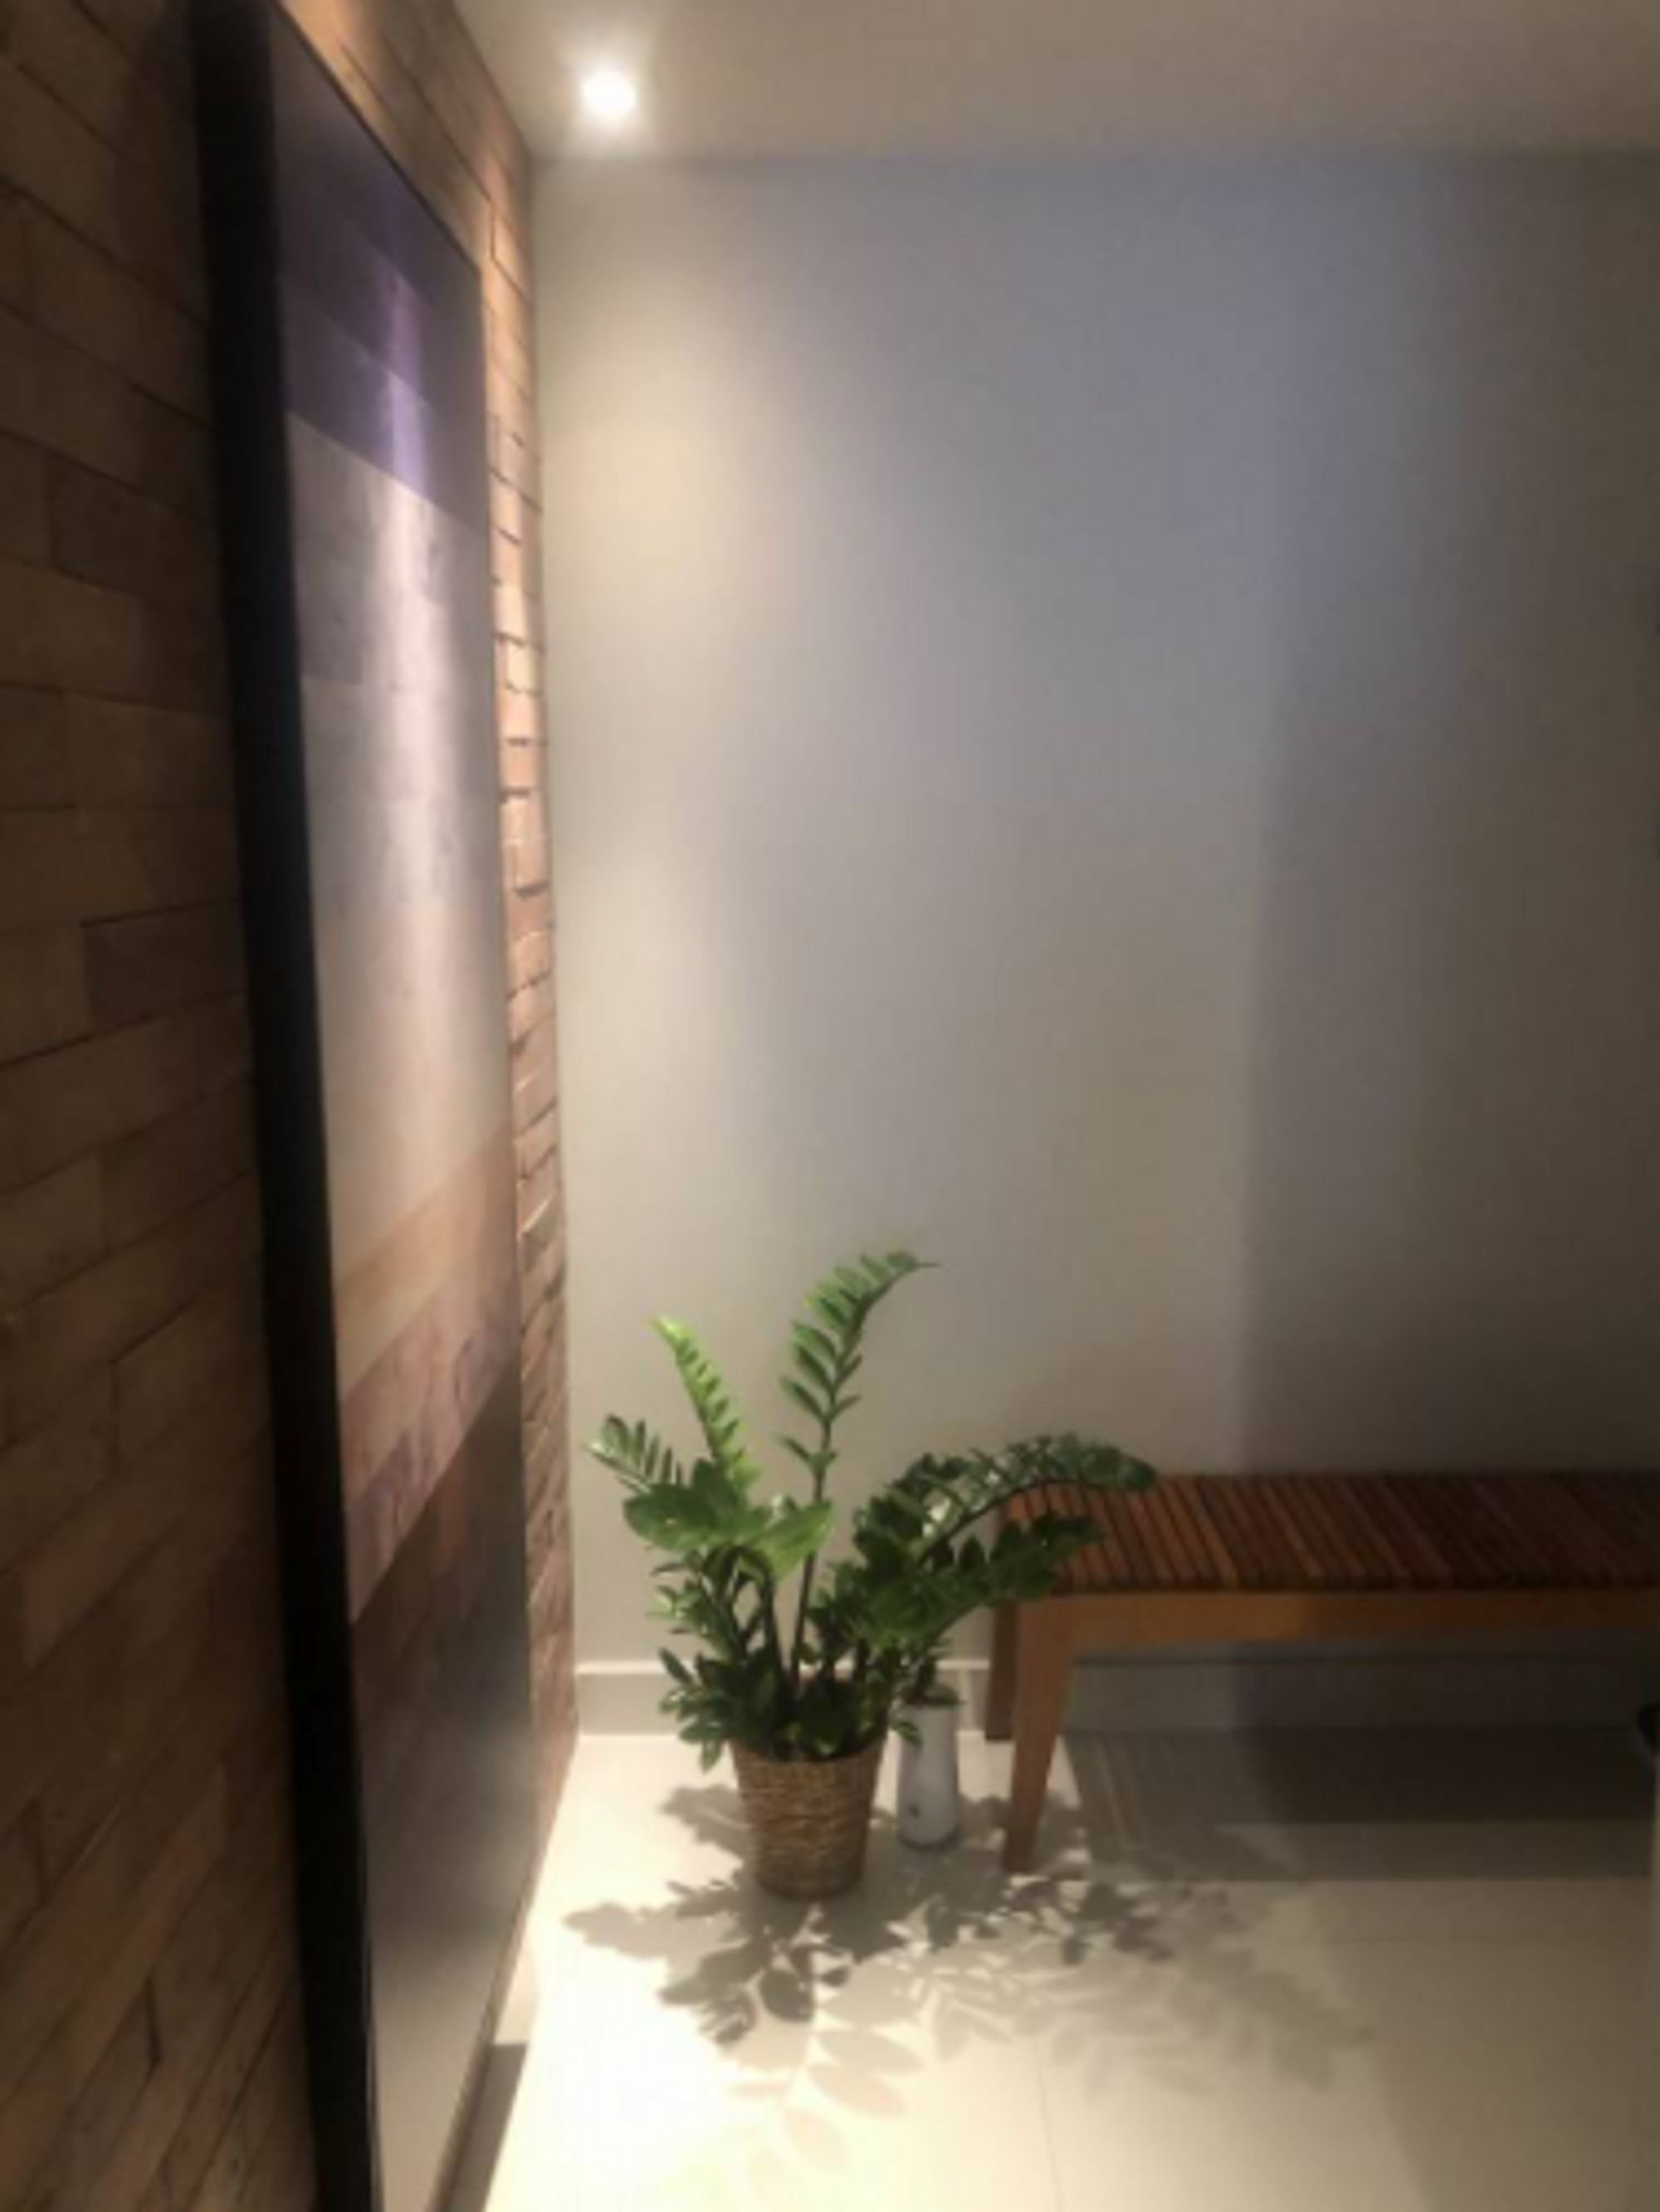 Foto de Quarto com vaso de planta